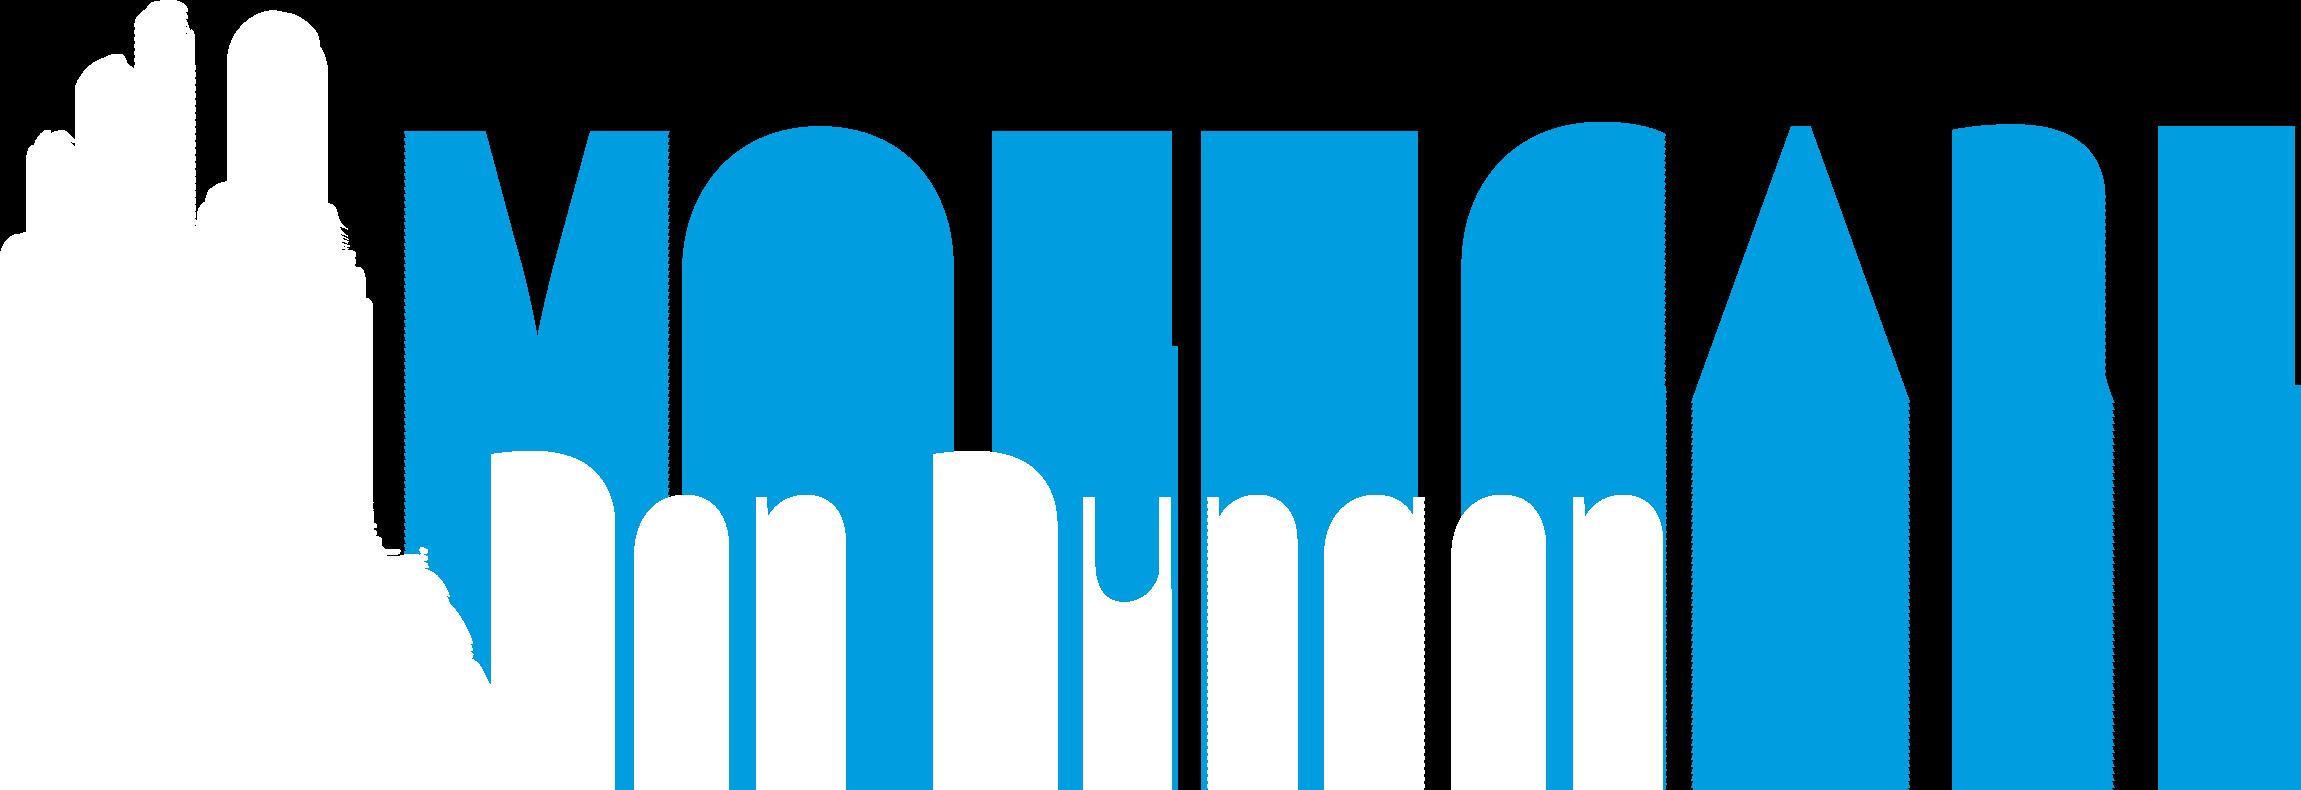 VoetCare Den Dungen | Medische pedicure voor regio Den Dungen, Berlicum, Sint-Michielsgestel, Middelrode, Gemonde, Den Bosch, Rosmalen